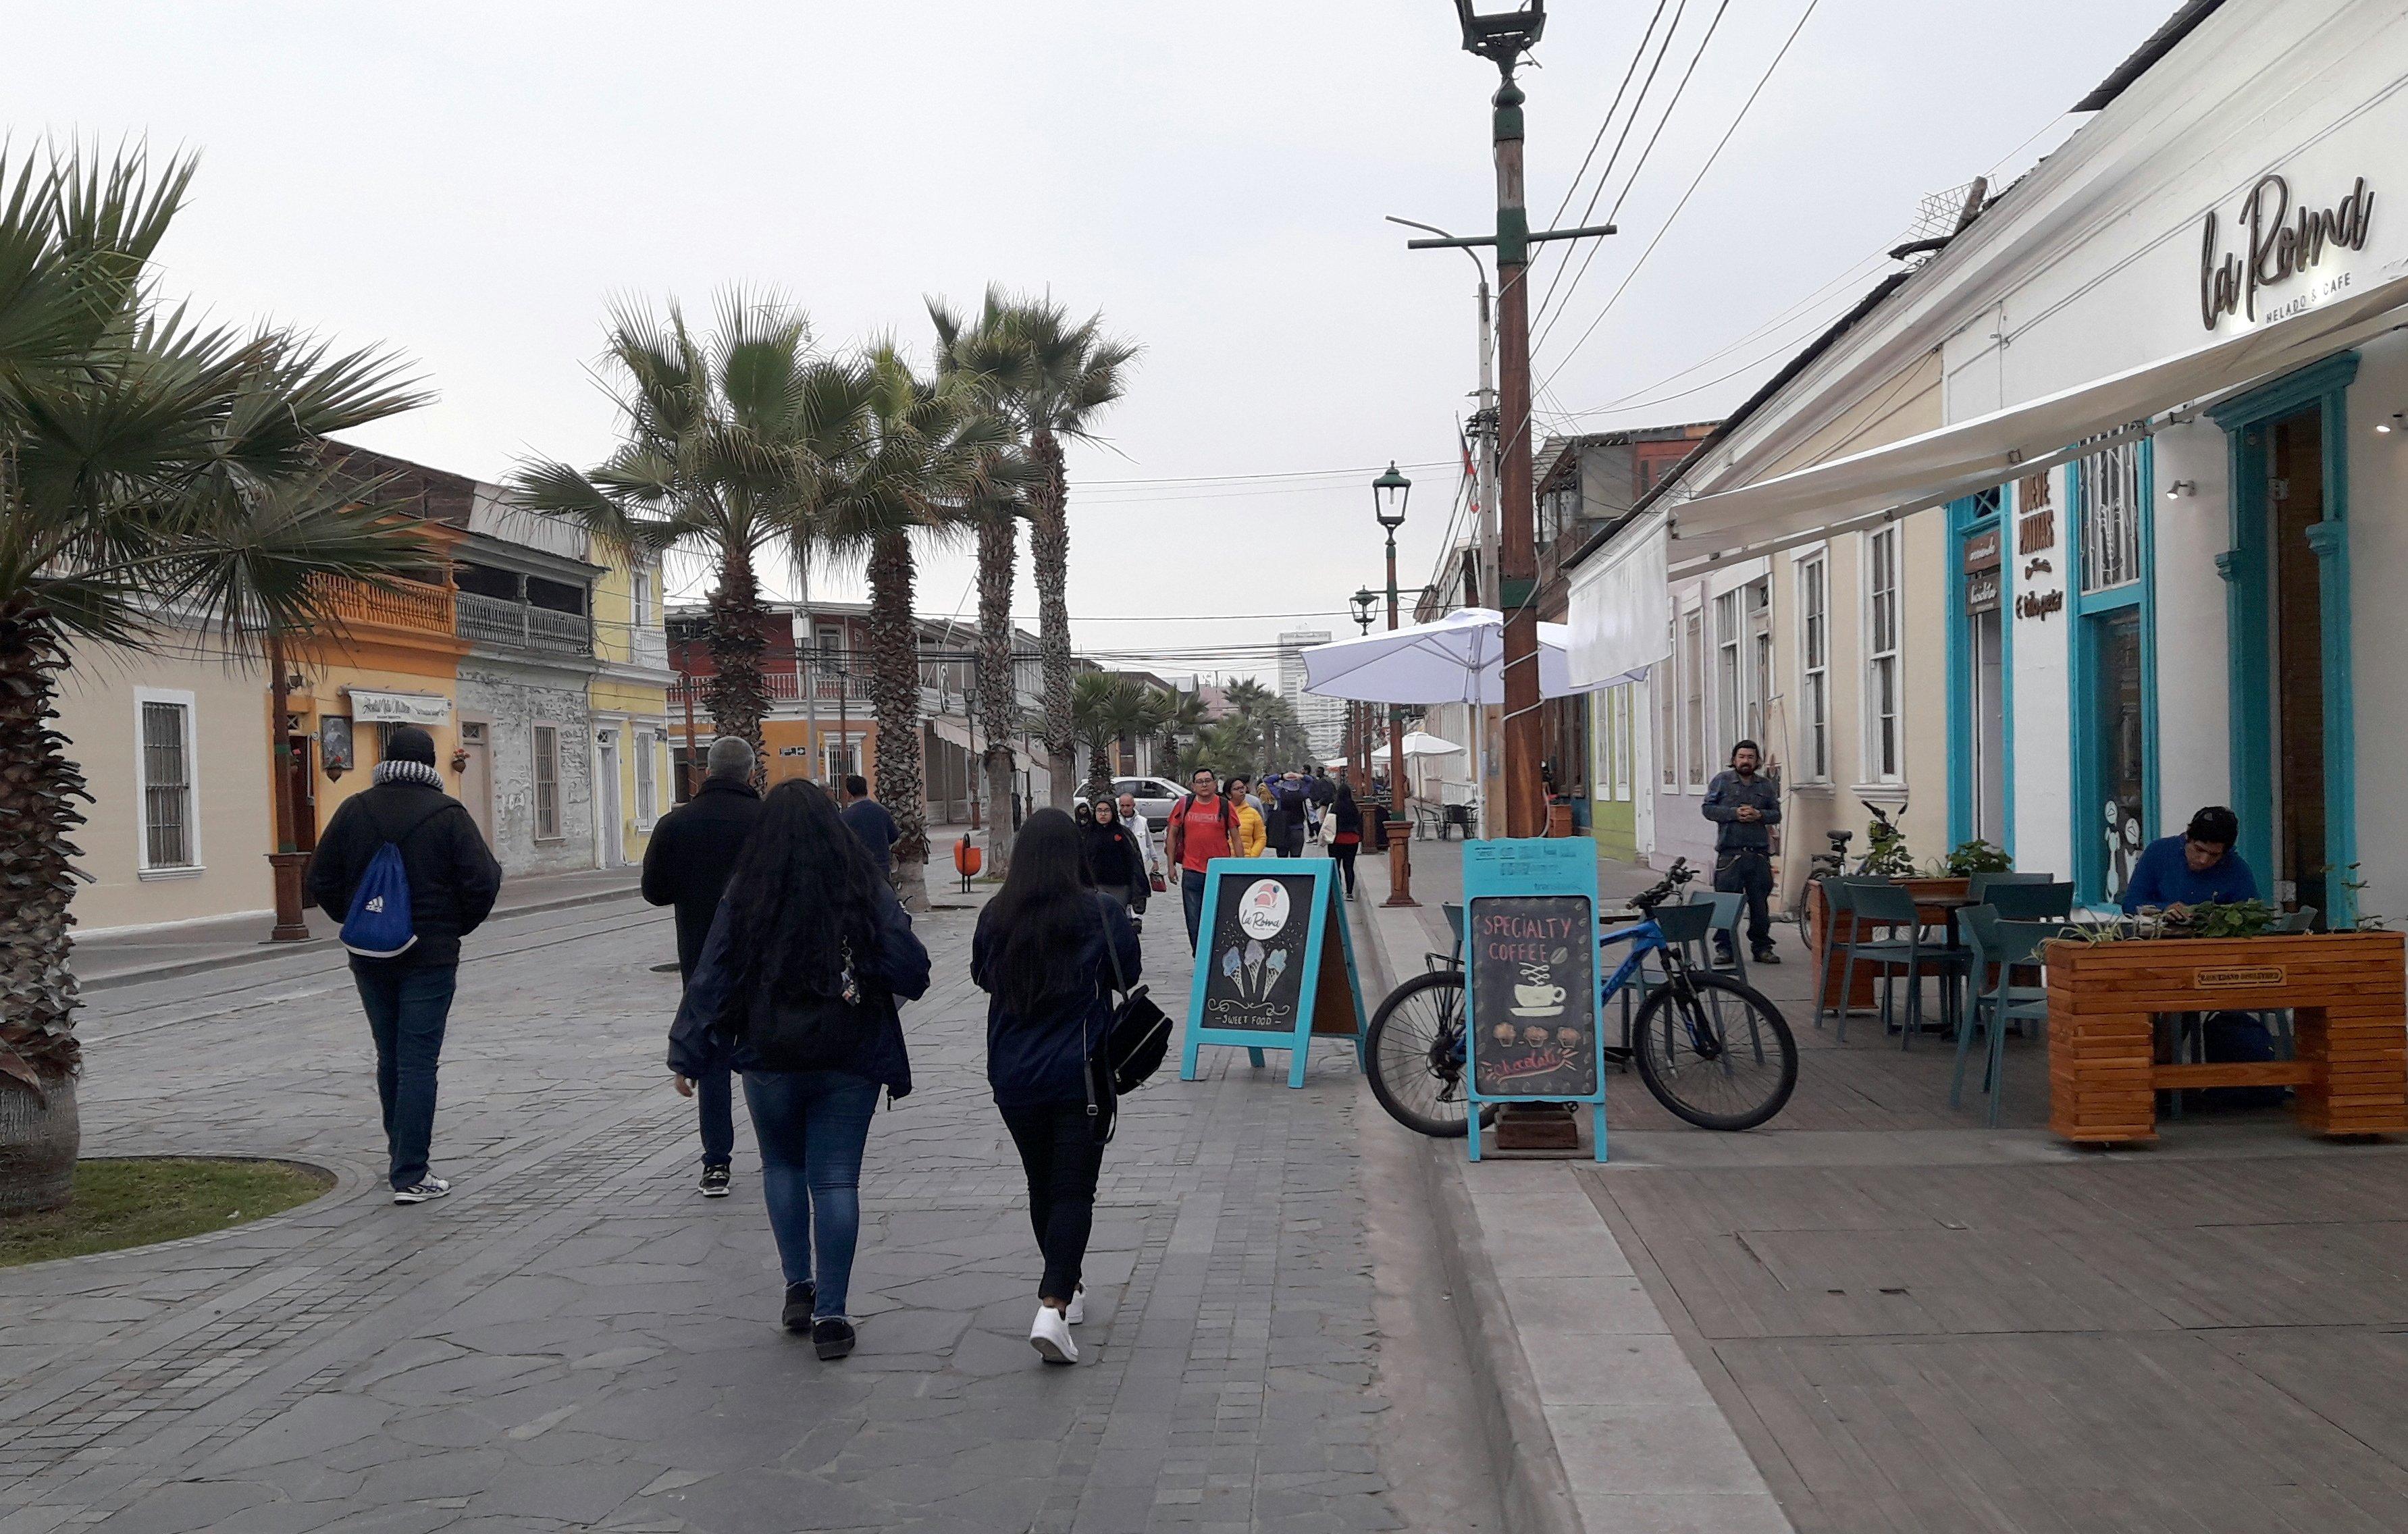 circulación en paseo baquedano se ven personas caminando y algunos letreros dispersos en medio